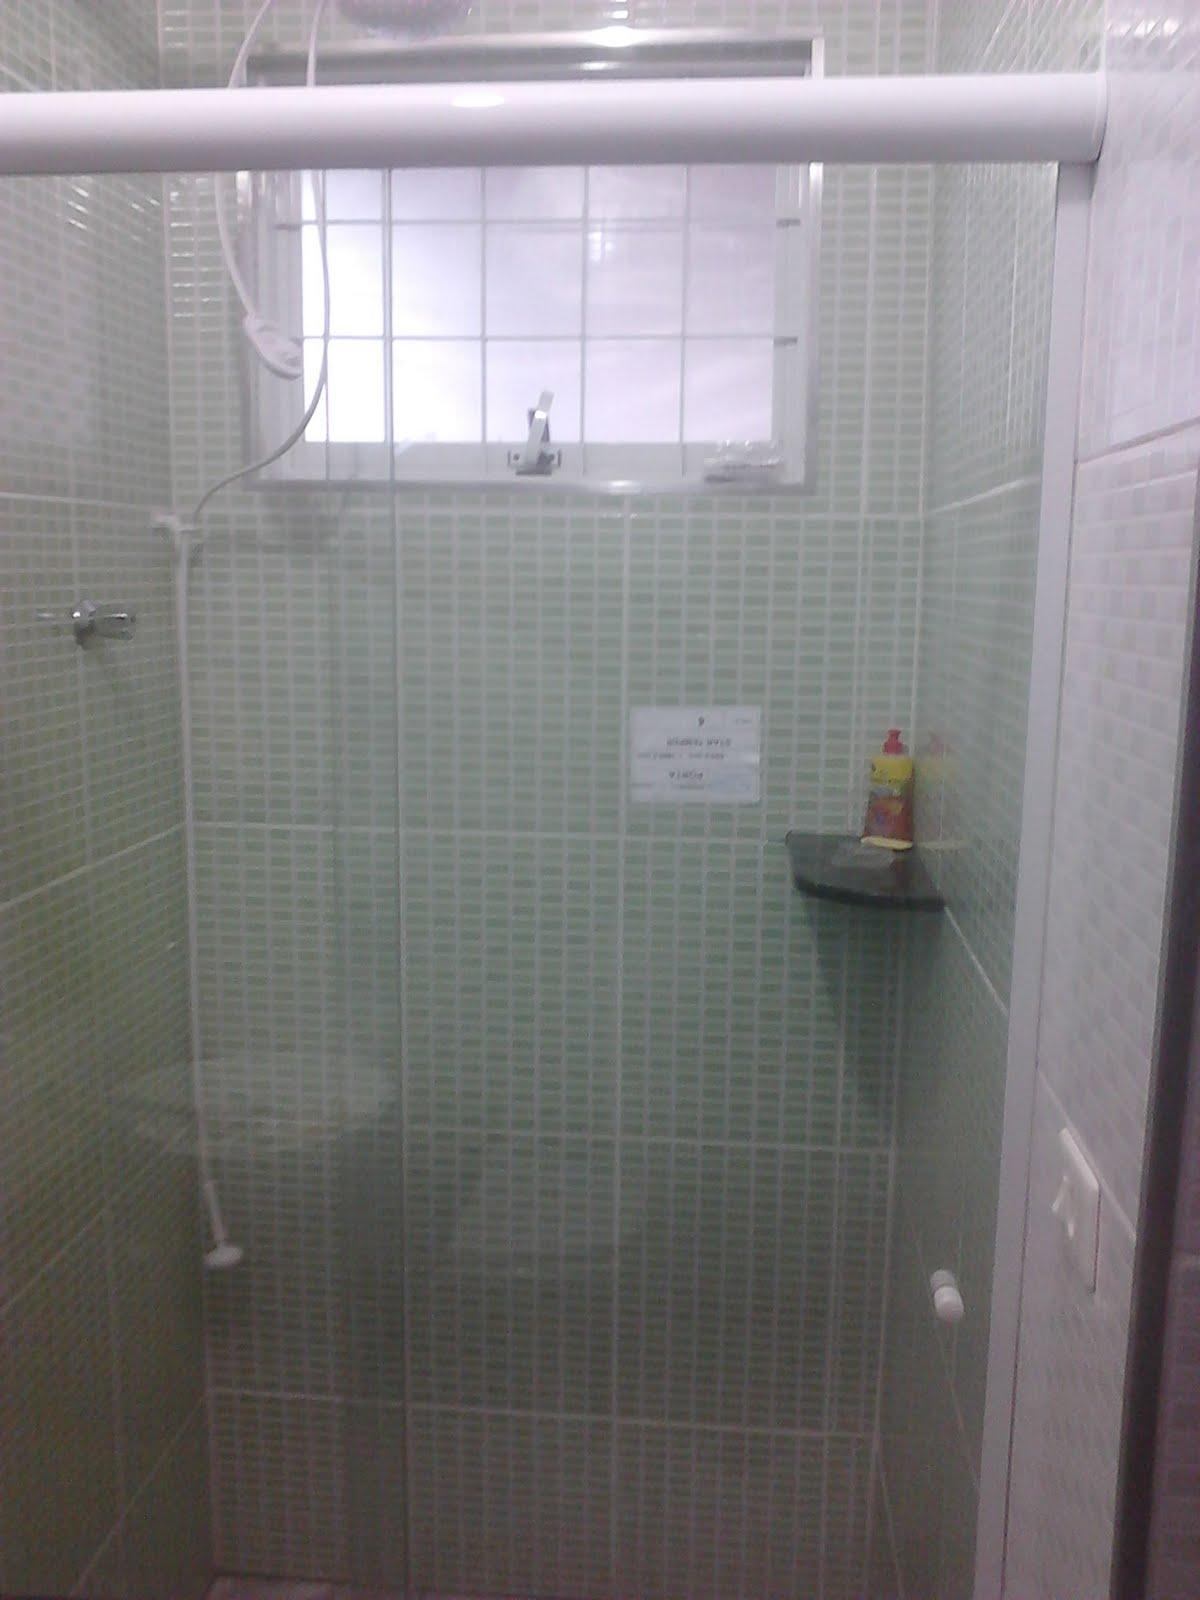 Imagens de #635873 FRANCO VIDROS TEMPERADOS: Obra em Ourinhos 1200x1600 px 2820 Box Banheiro Londrina